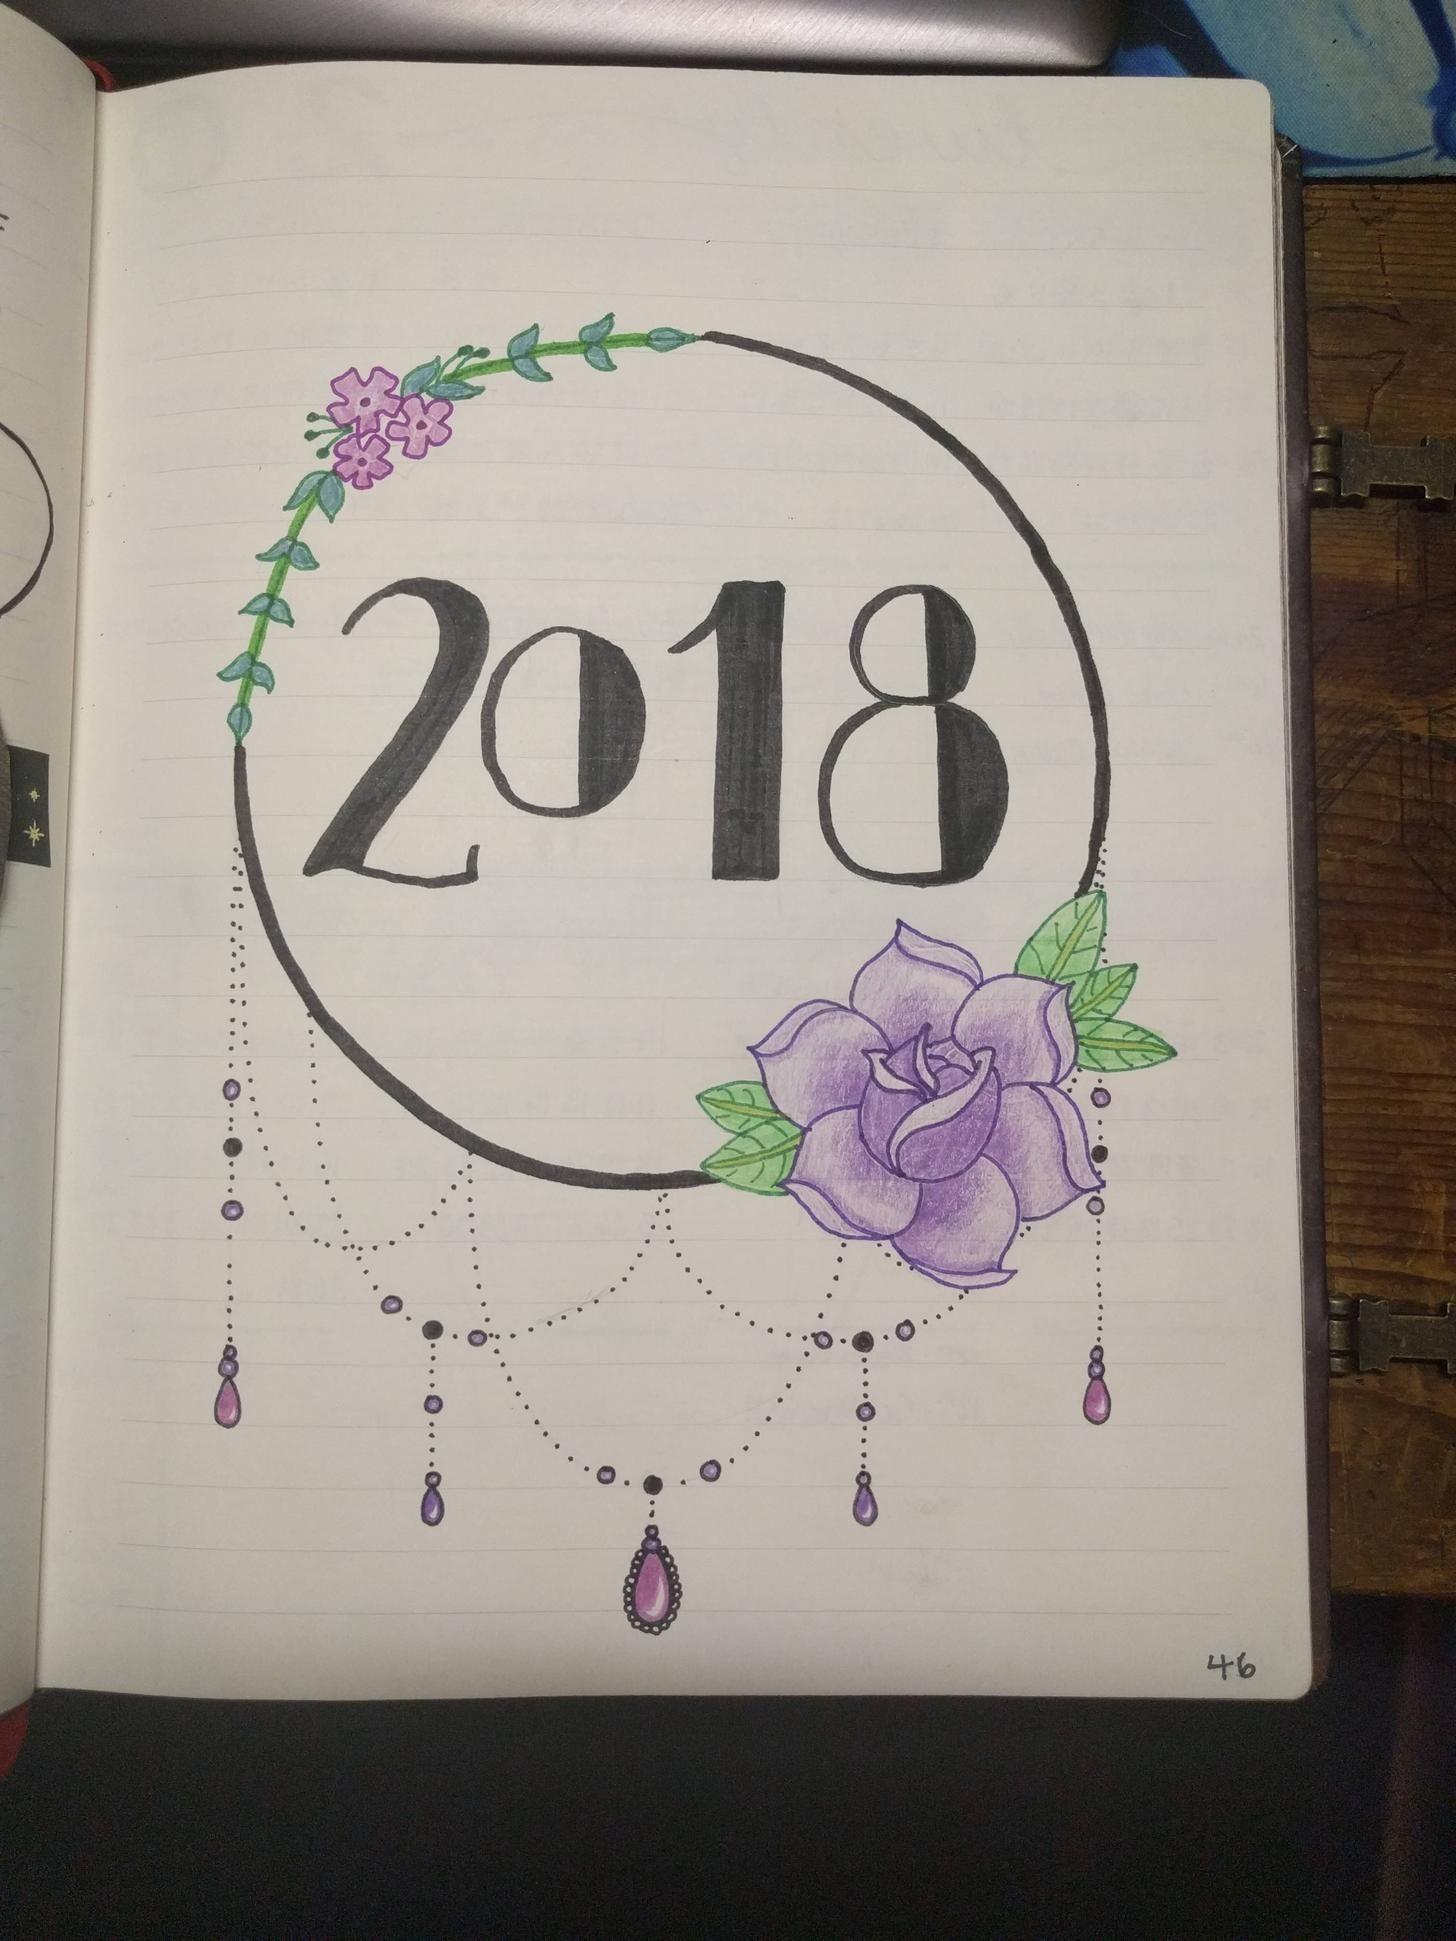 2018 cover page Escolares Colegios Libretas Libros Decorados Cuadernos Decorados Capas